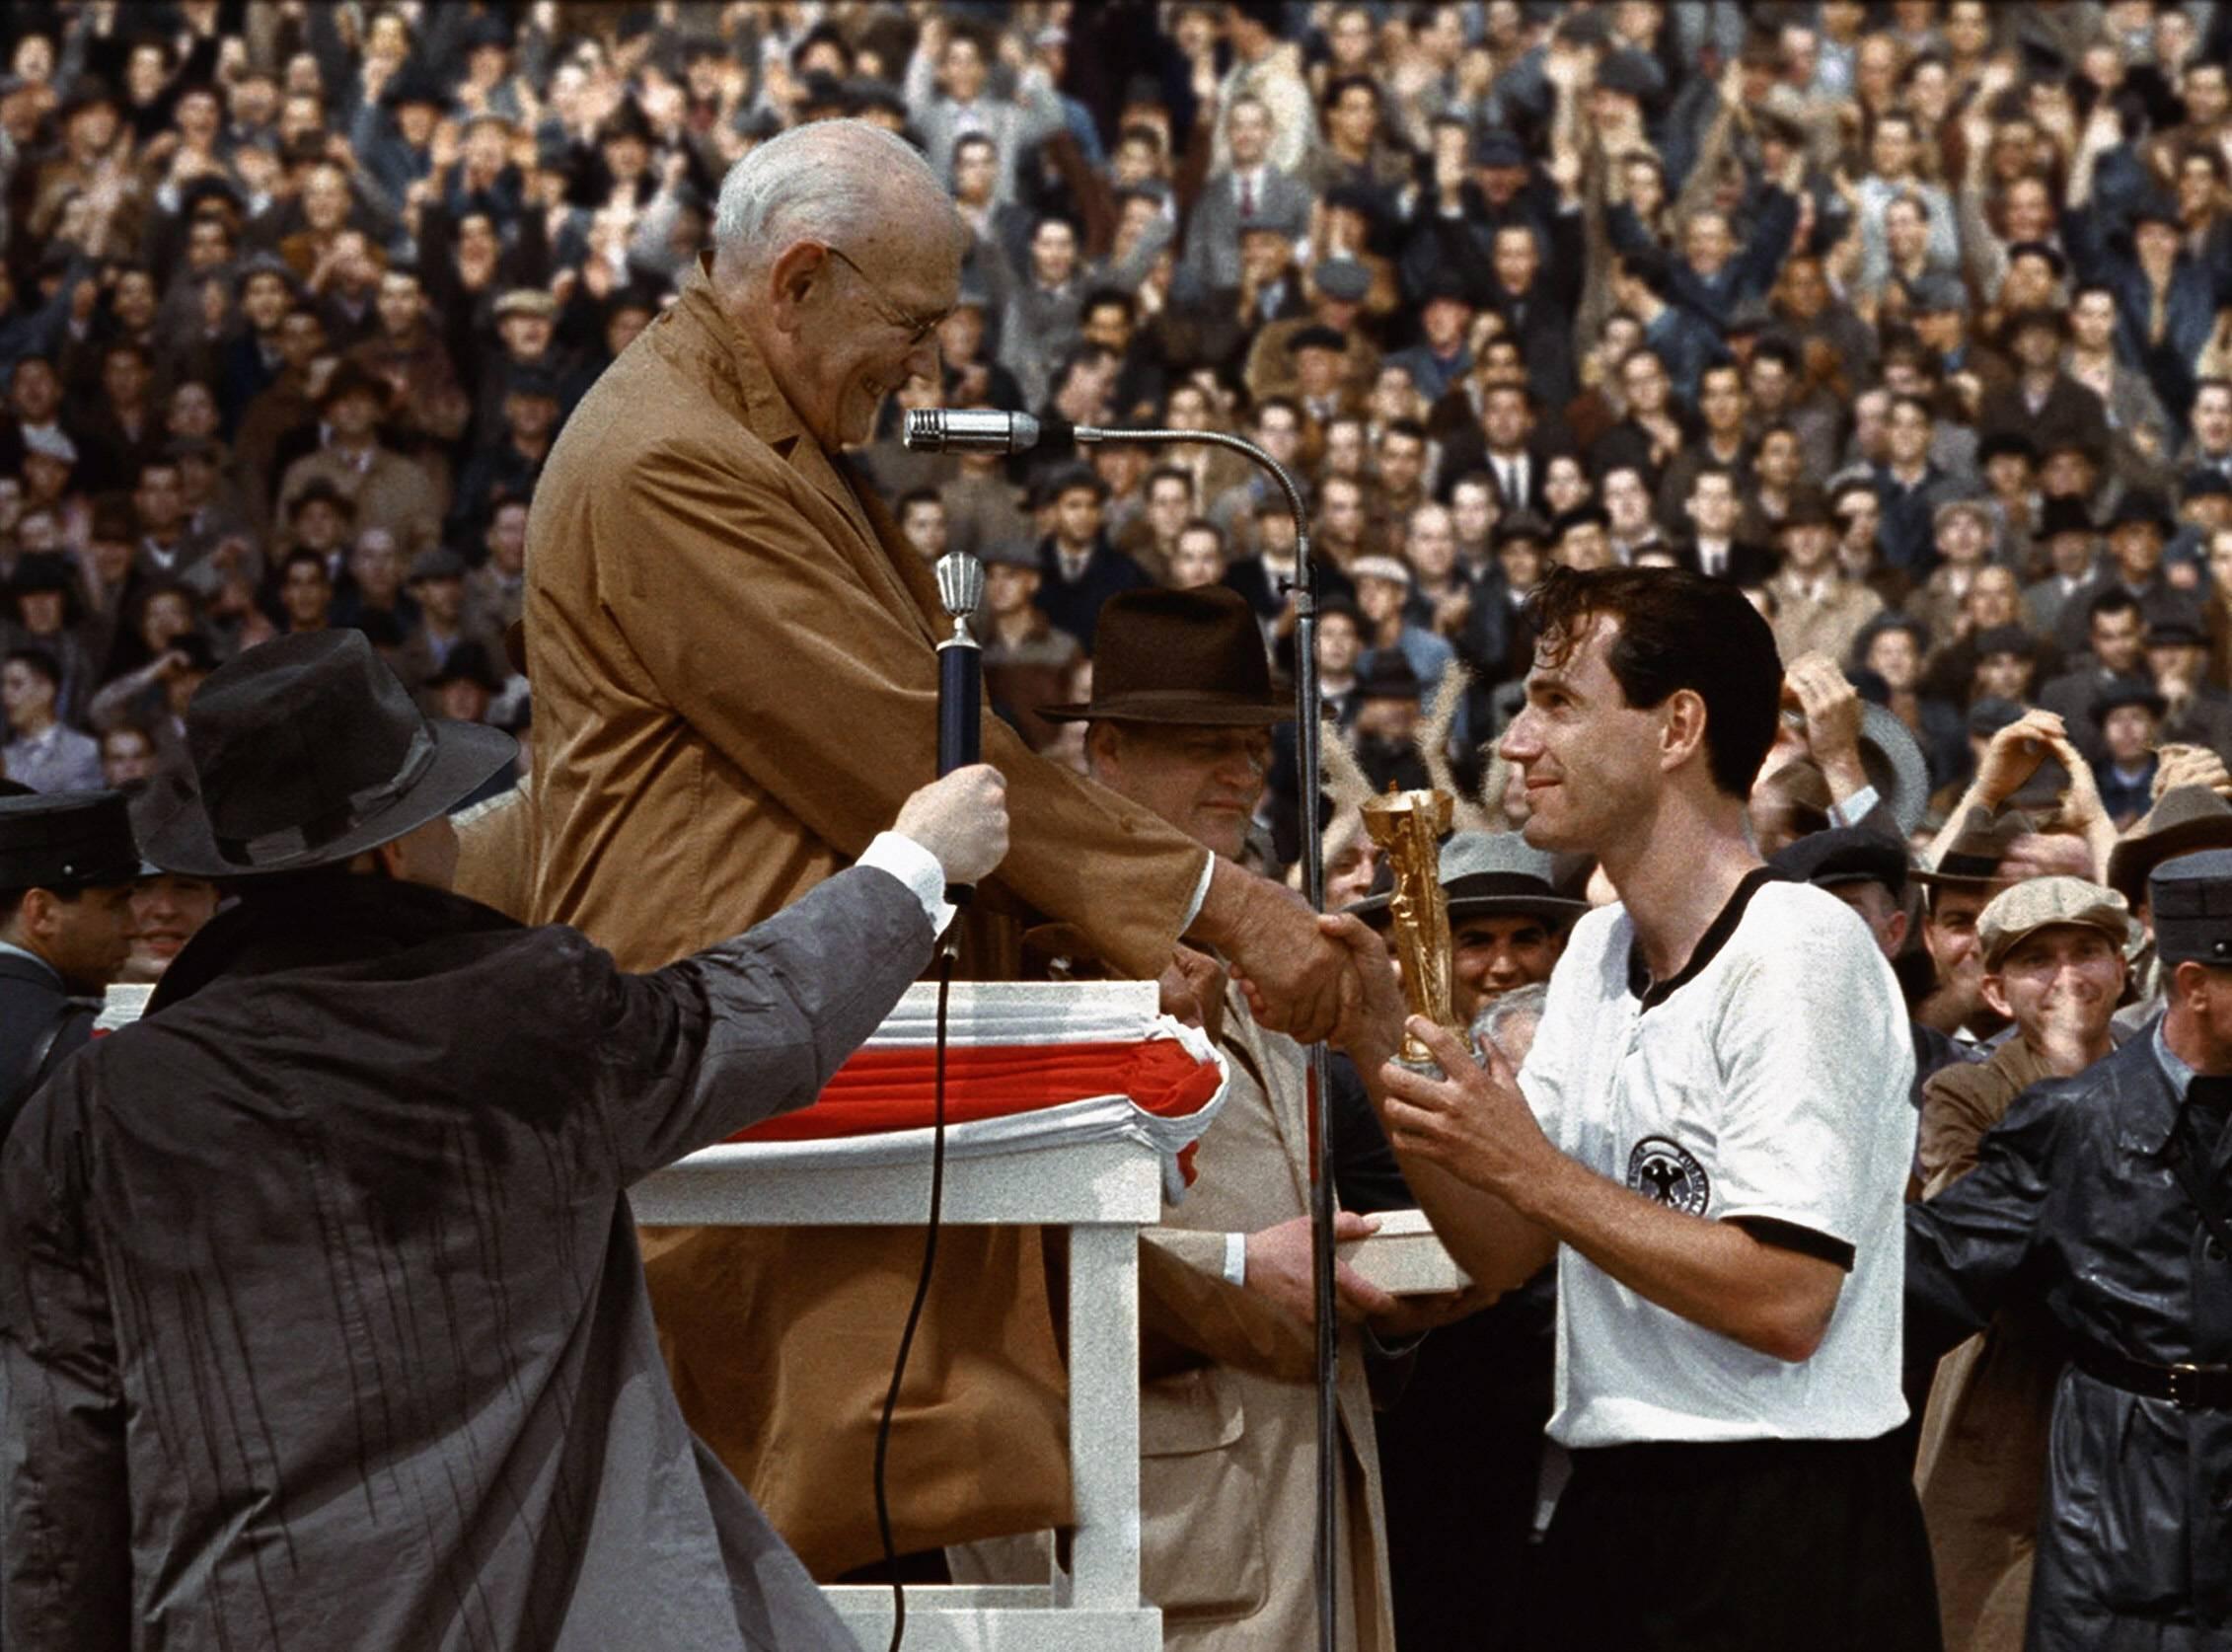 """Spielszene aus dem Film """"Das Wunder von Bern"""" mit Knut Hartwig als Fritz Walter (BRD), der den Pokal entgegen nimmt."""